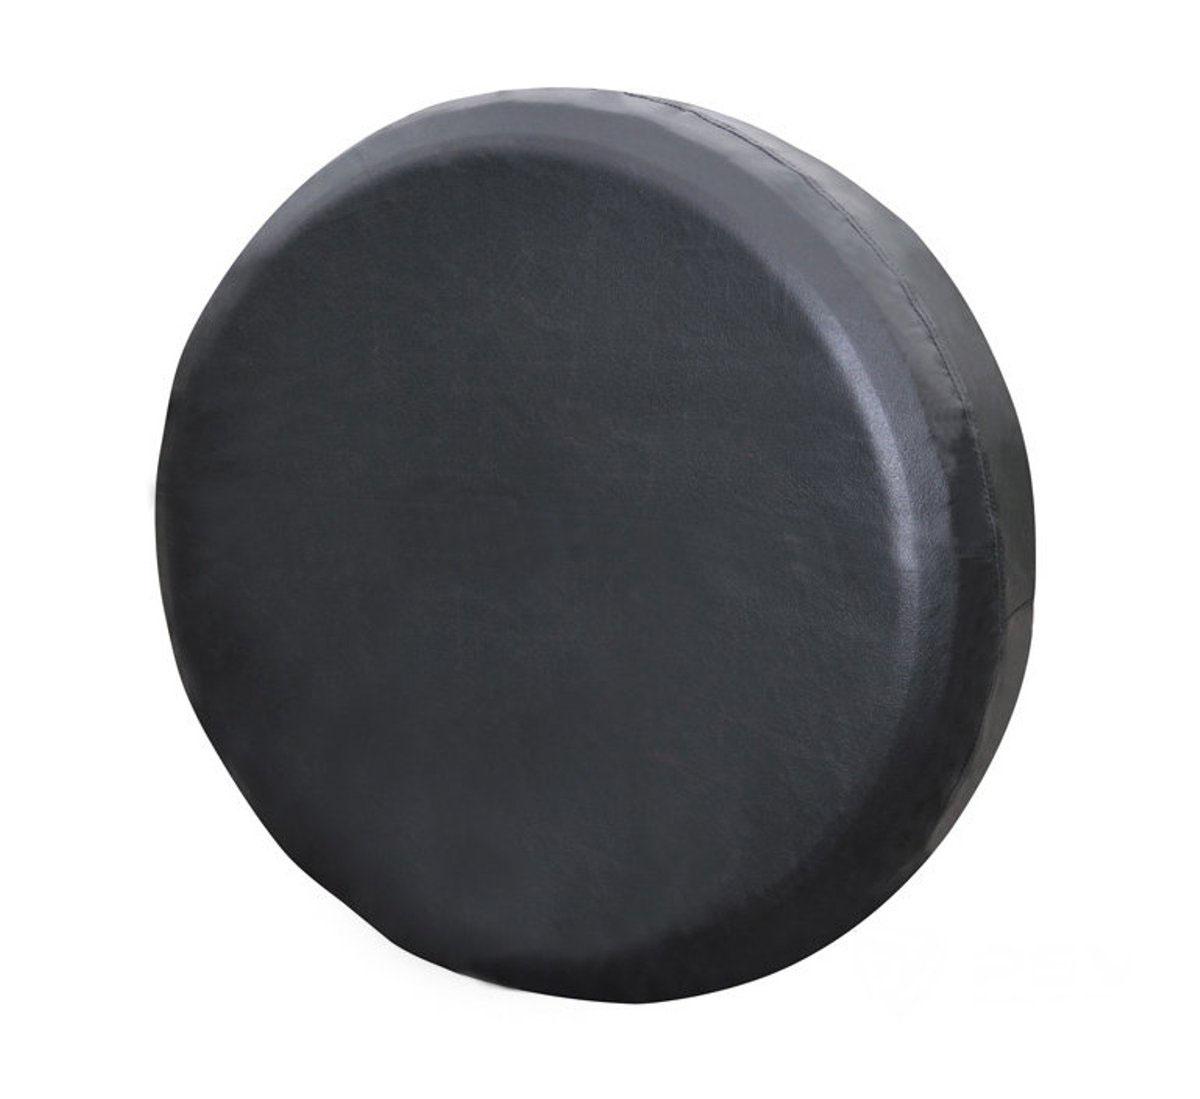 Чехол на запасное колесо Auto Premium, цвет: черный. Размер M (69,5-73,5 см)77014Чехол на запасное колесо автомобиля Auto Premium, выполненный из высококачественной экокожи, прекрасно охранит запаску от негативного влияния погодных условий: пыль грязь, дождь. При этом чехол он не потрескается на морозе. Крепится с помощью шнурка.Диаметр колеса: 69,5-73,5 см.